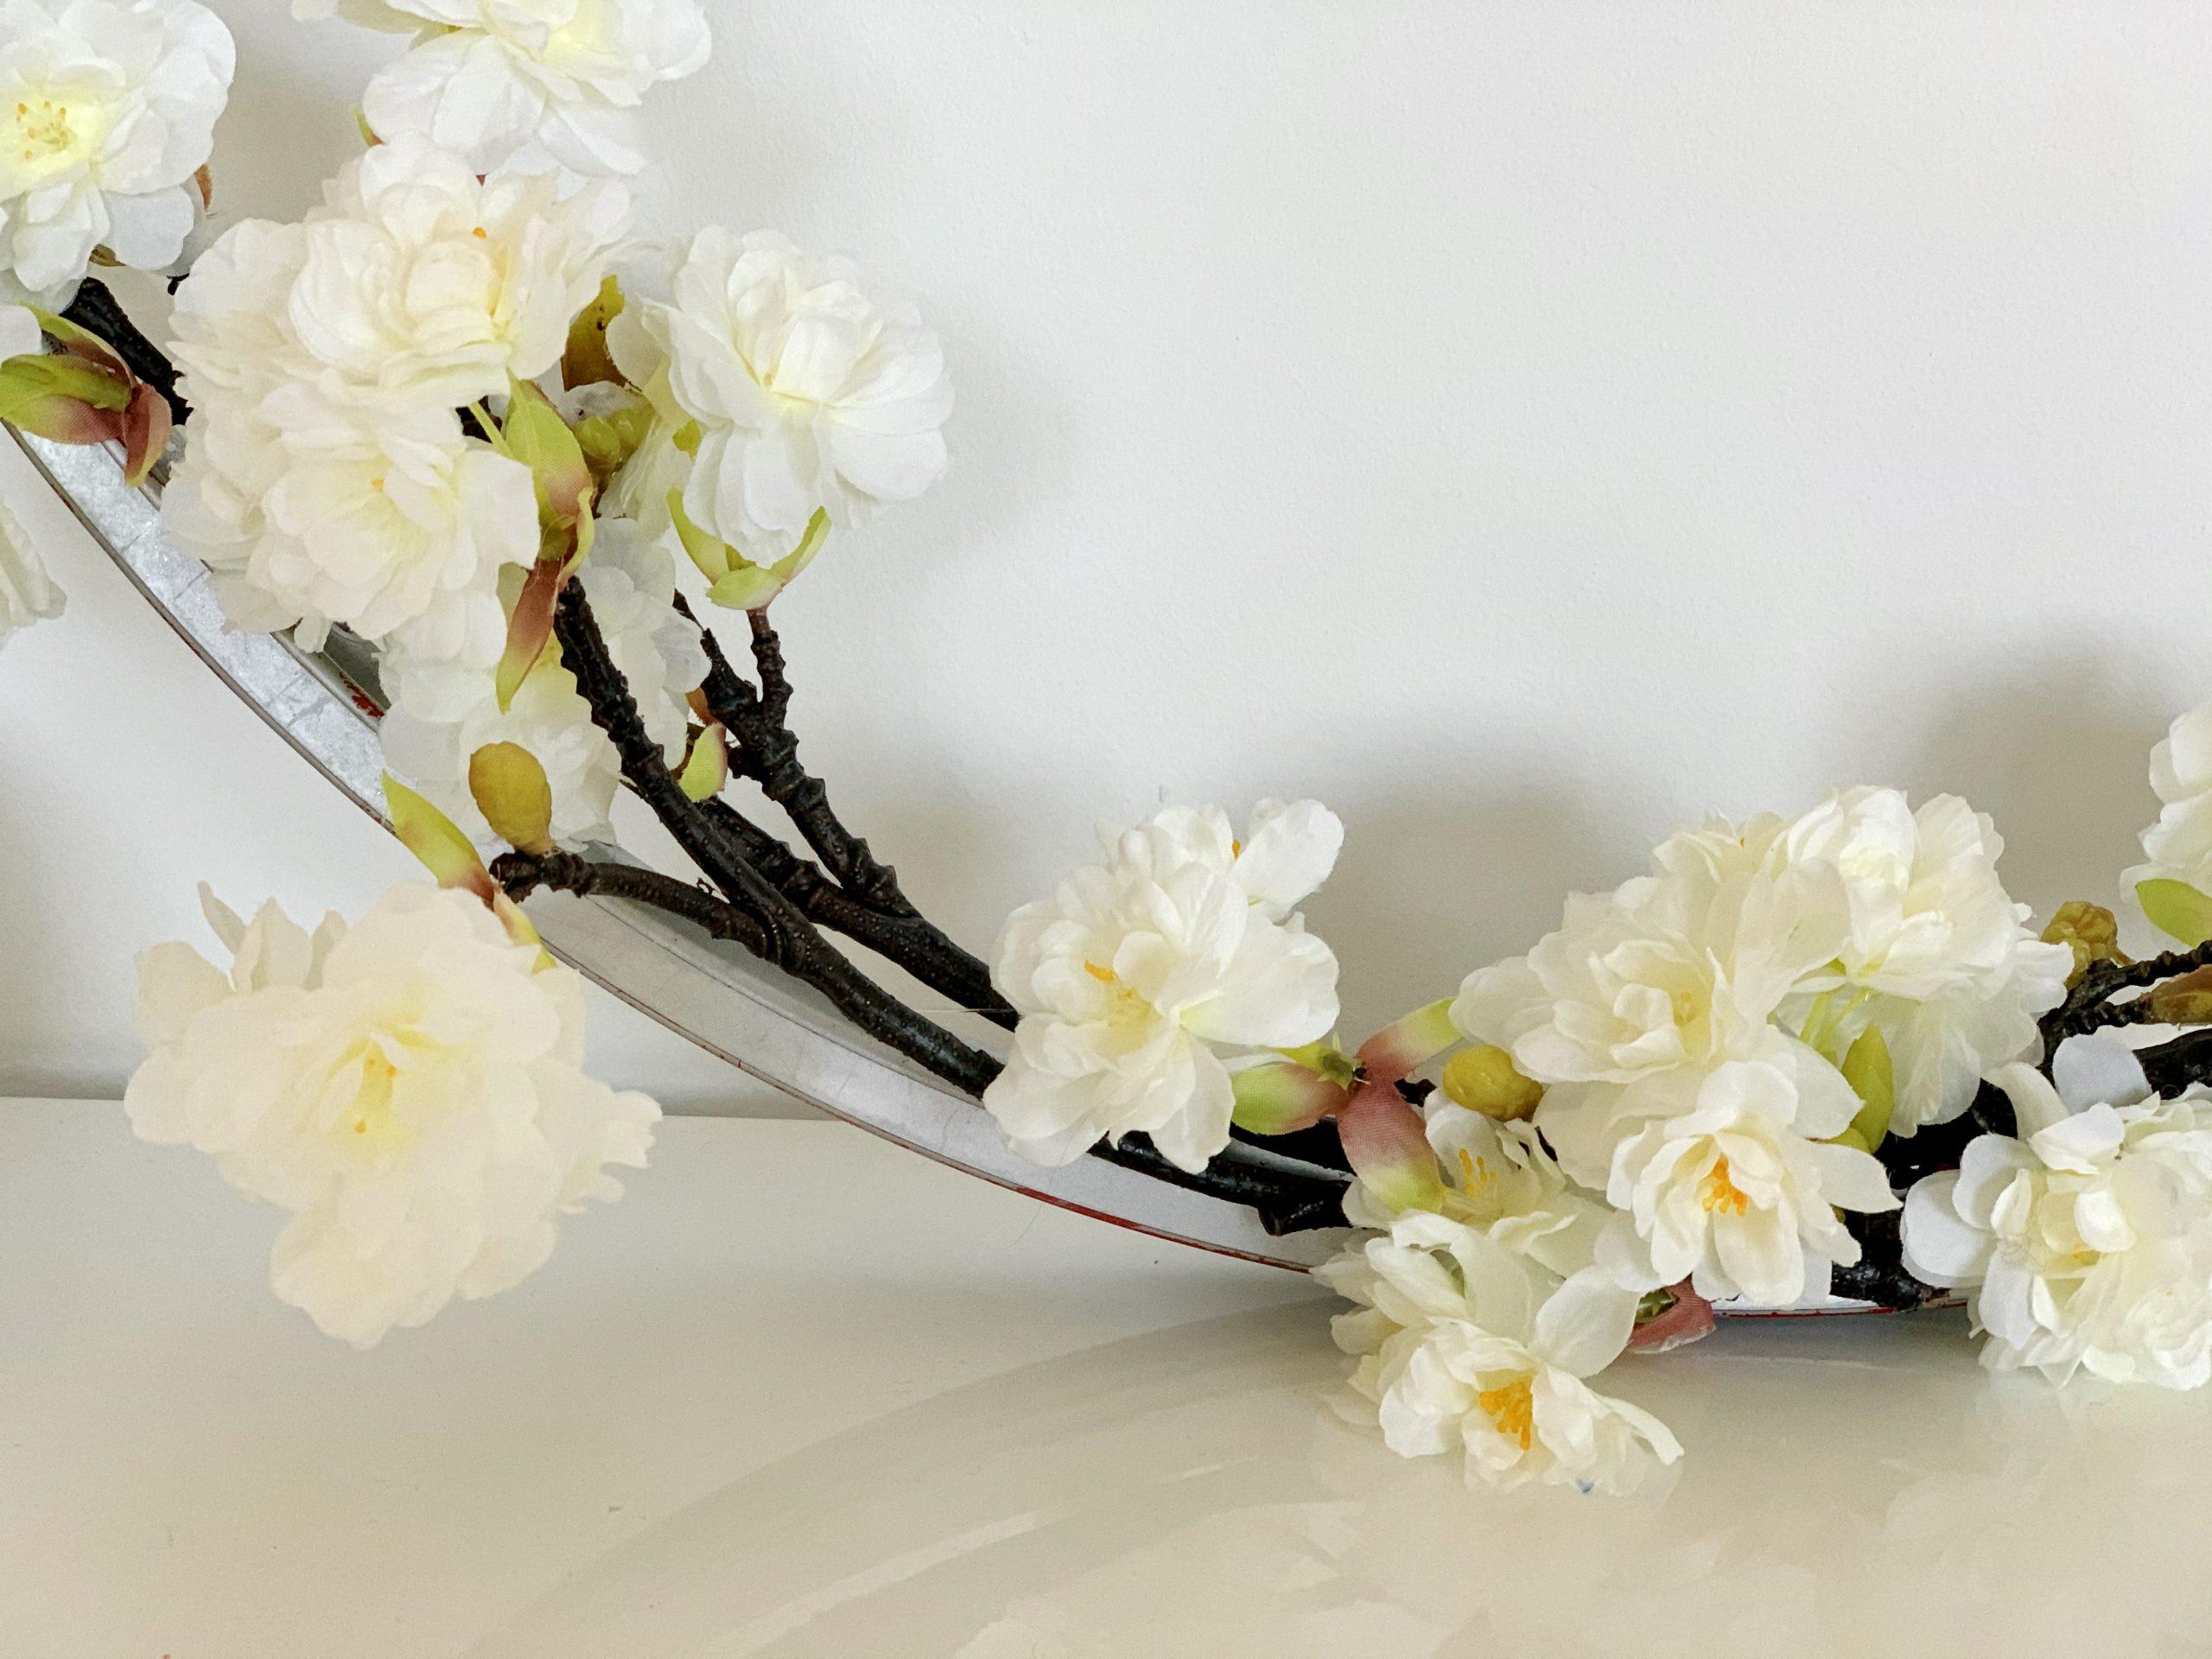 Kinderzimmerdeko Blütenkranz weiss nah